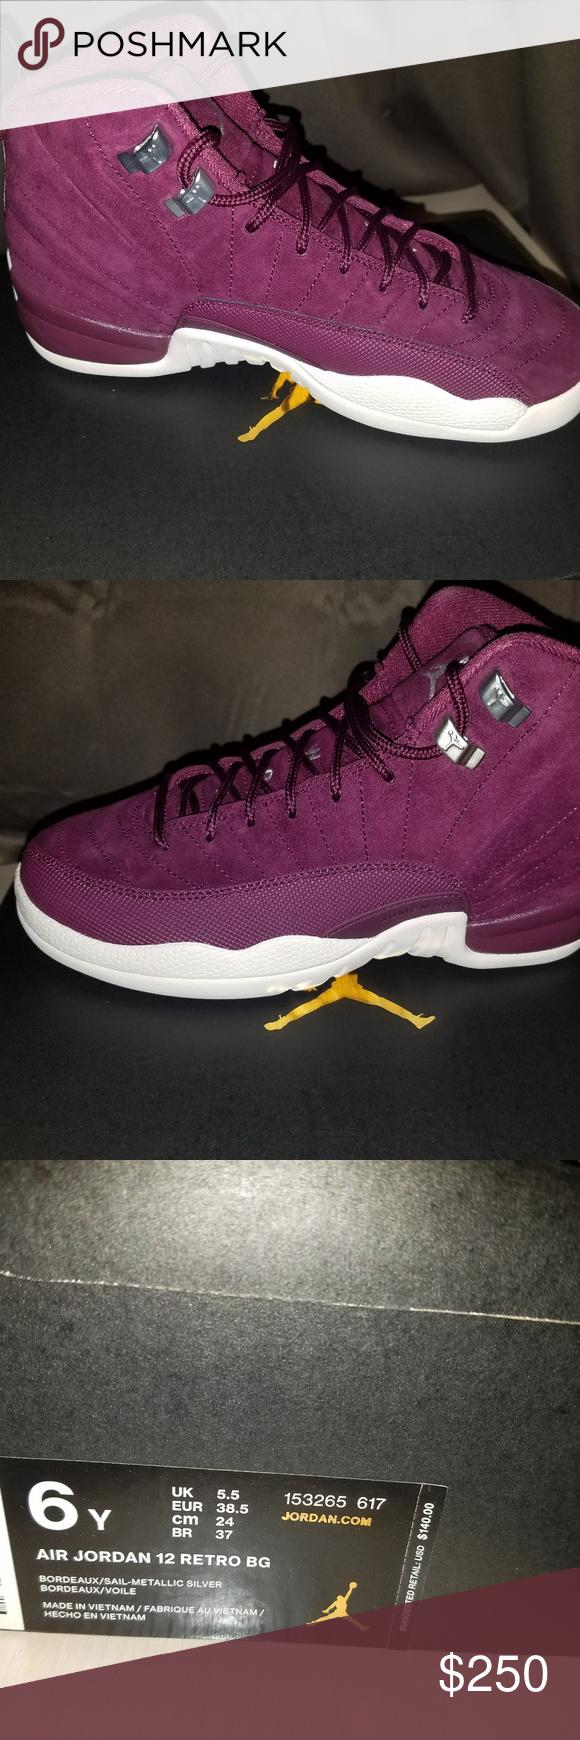 new arrival 6c9b1 52f20 Air Jordan Reto 12 Burgundy Size 6 Burgundy Air Jordan Retro 12 in Big Kids  Boys Size 6, NEW IN BOX Air Jordan Shoes Sneakers